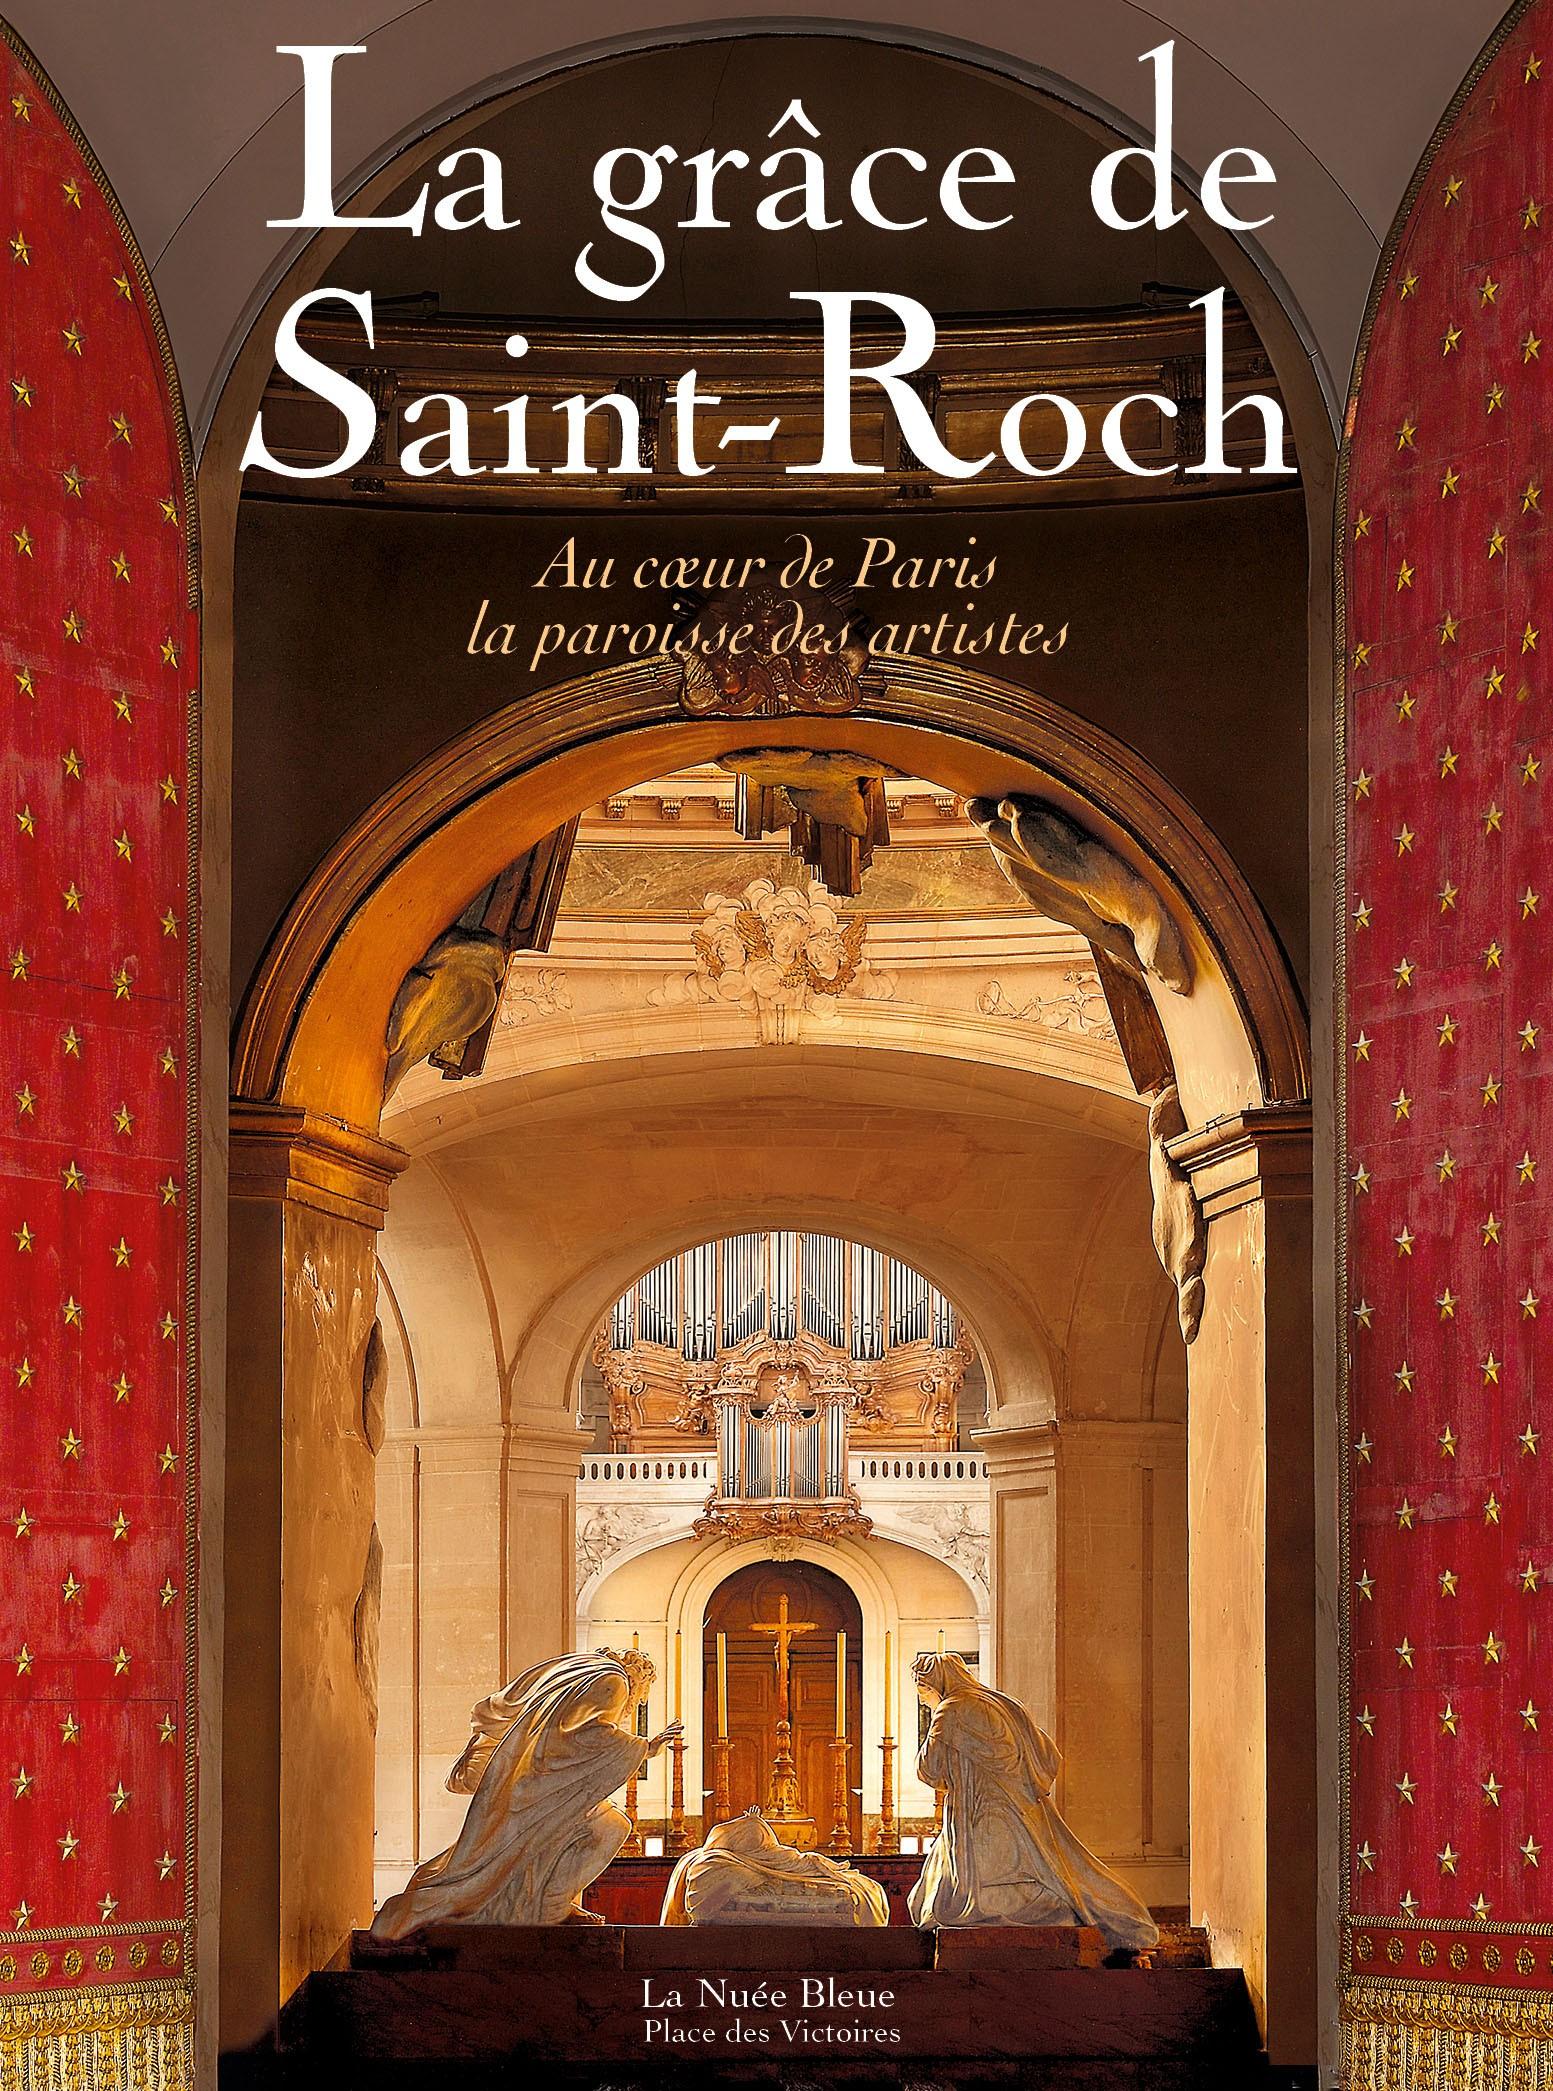 La grâce de Saint Roch